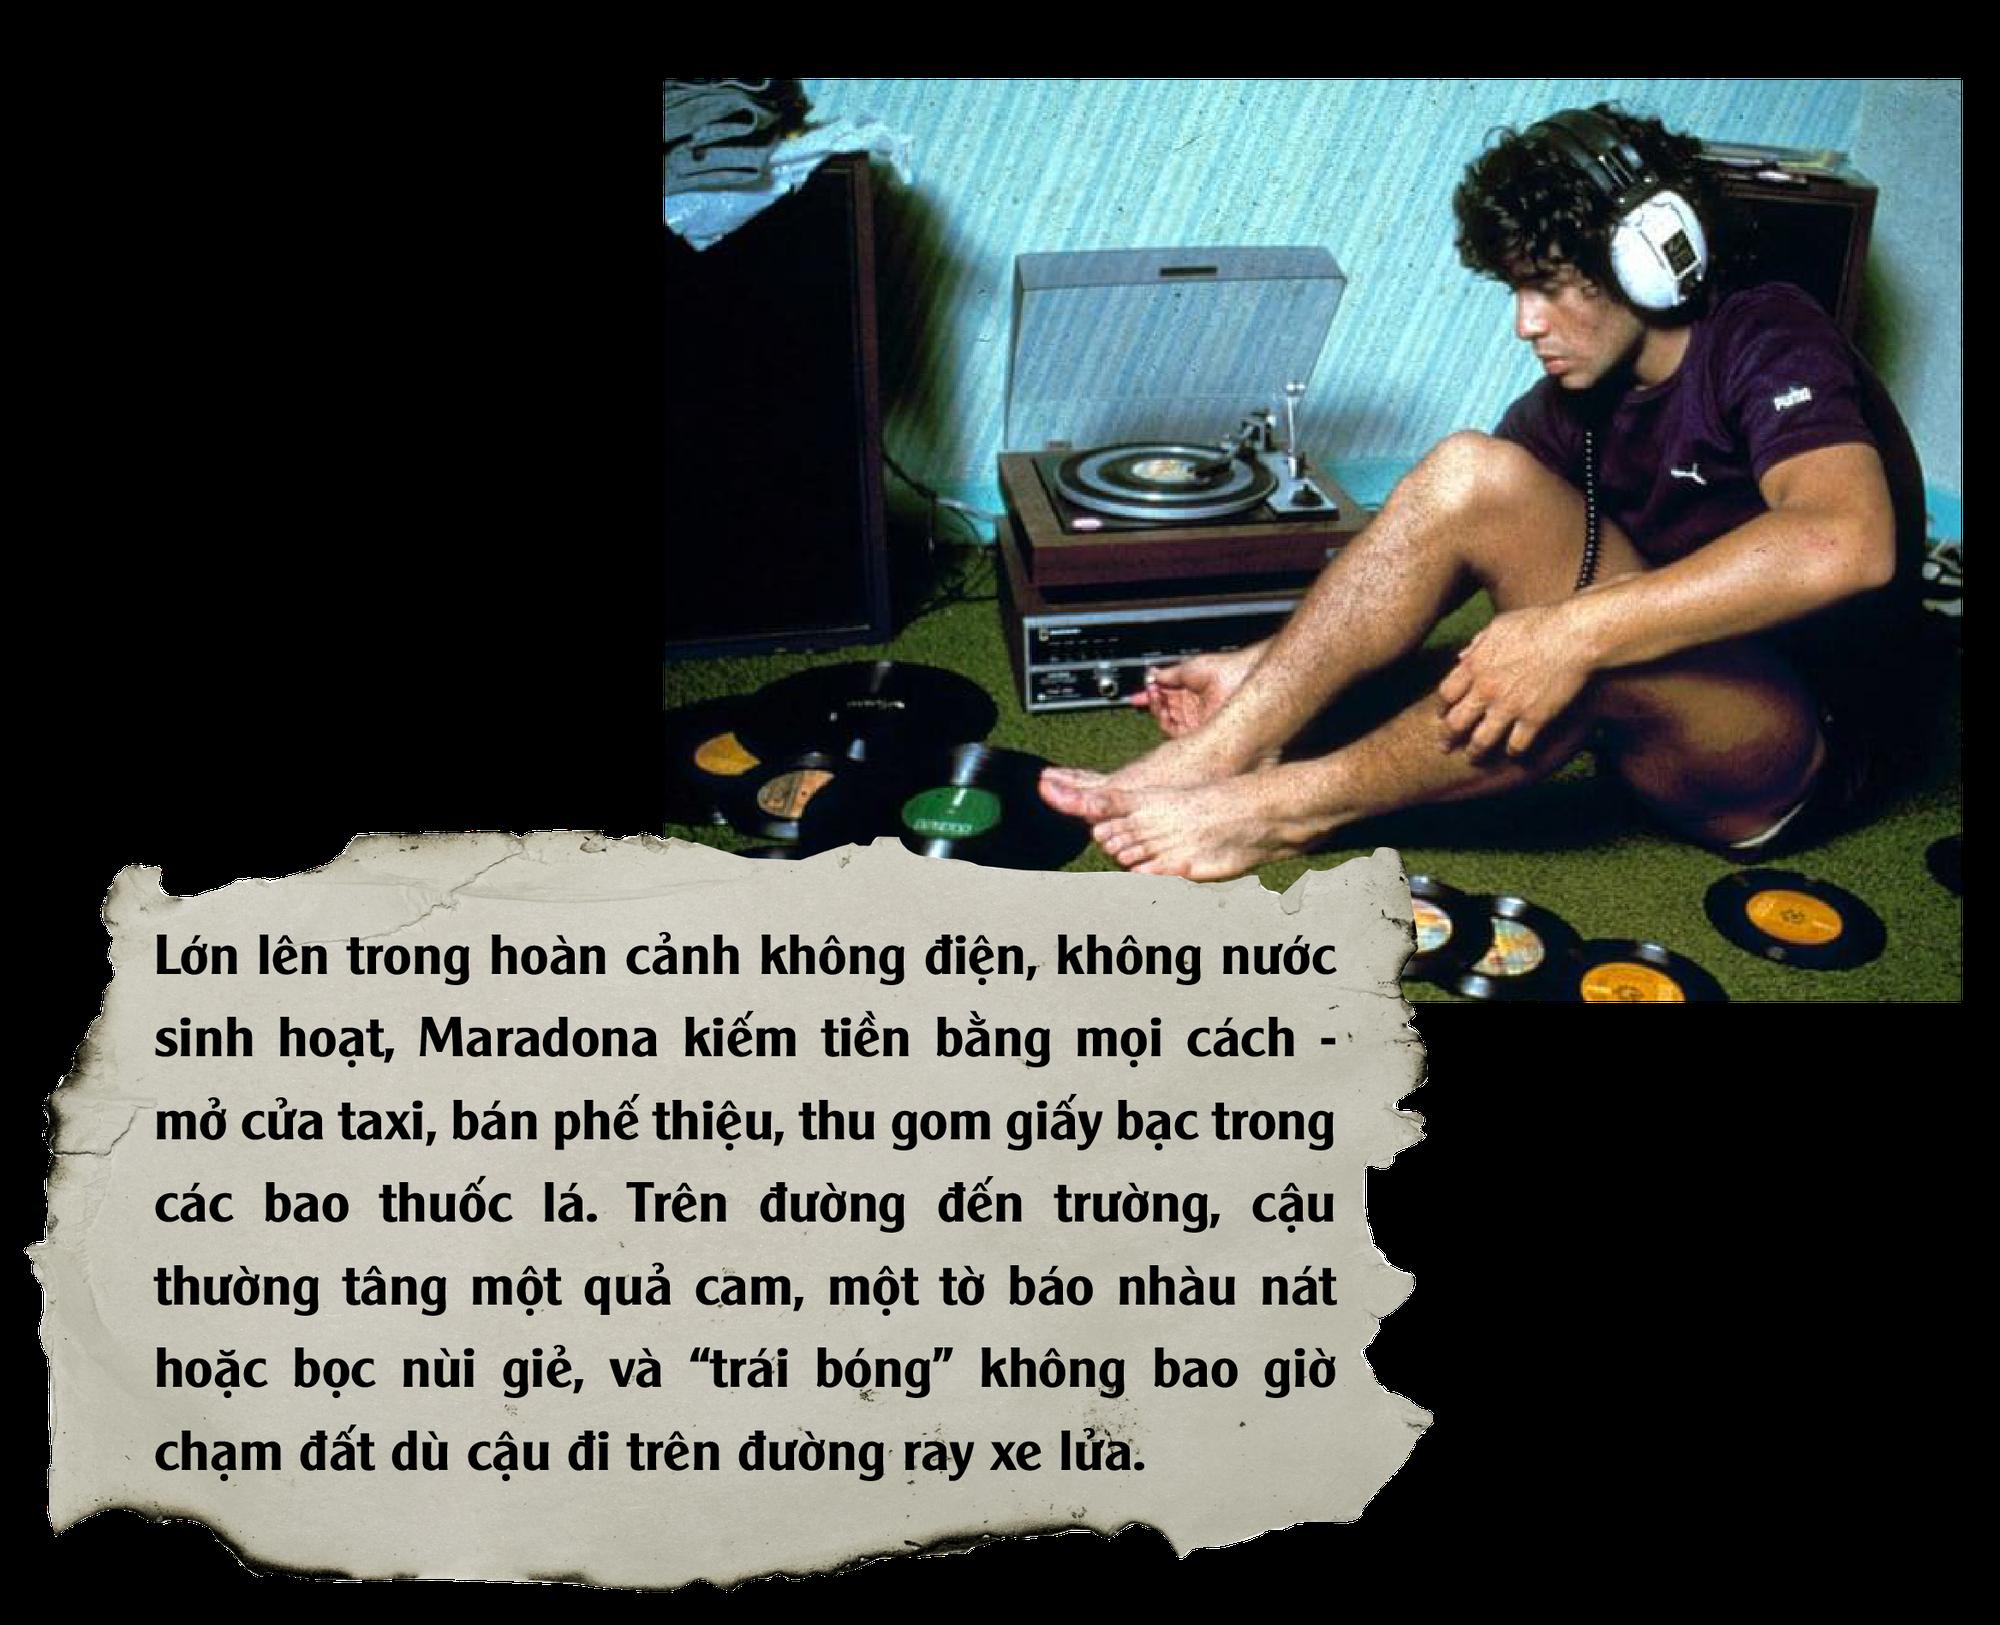 Diego Maradona: Vĩnh biệt vị lãnh tụ thiên tài ứng nghiệm từ lời tiên tri - Ảnh 7.